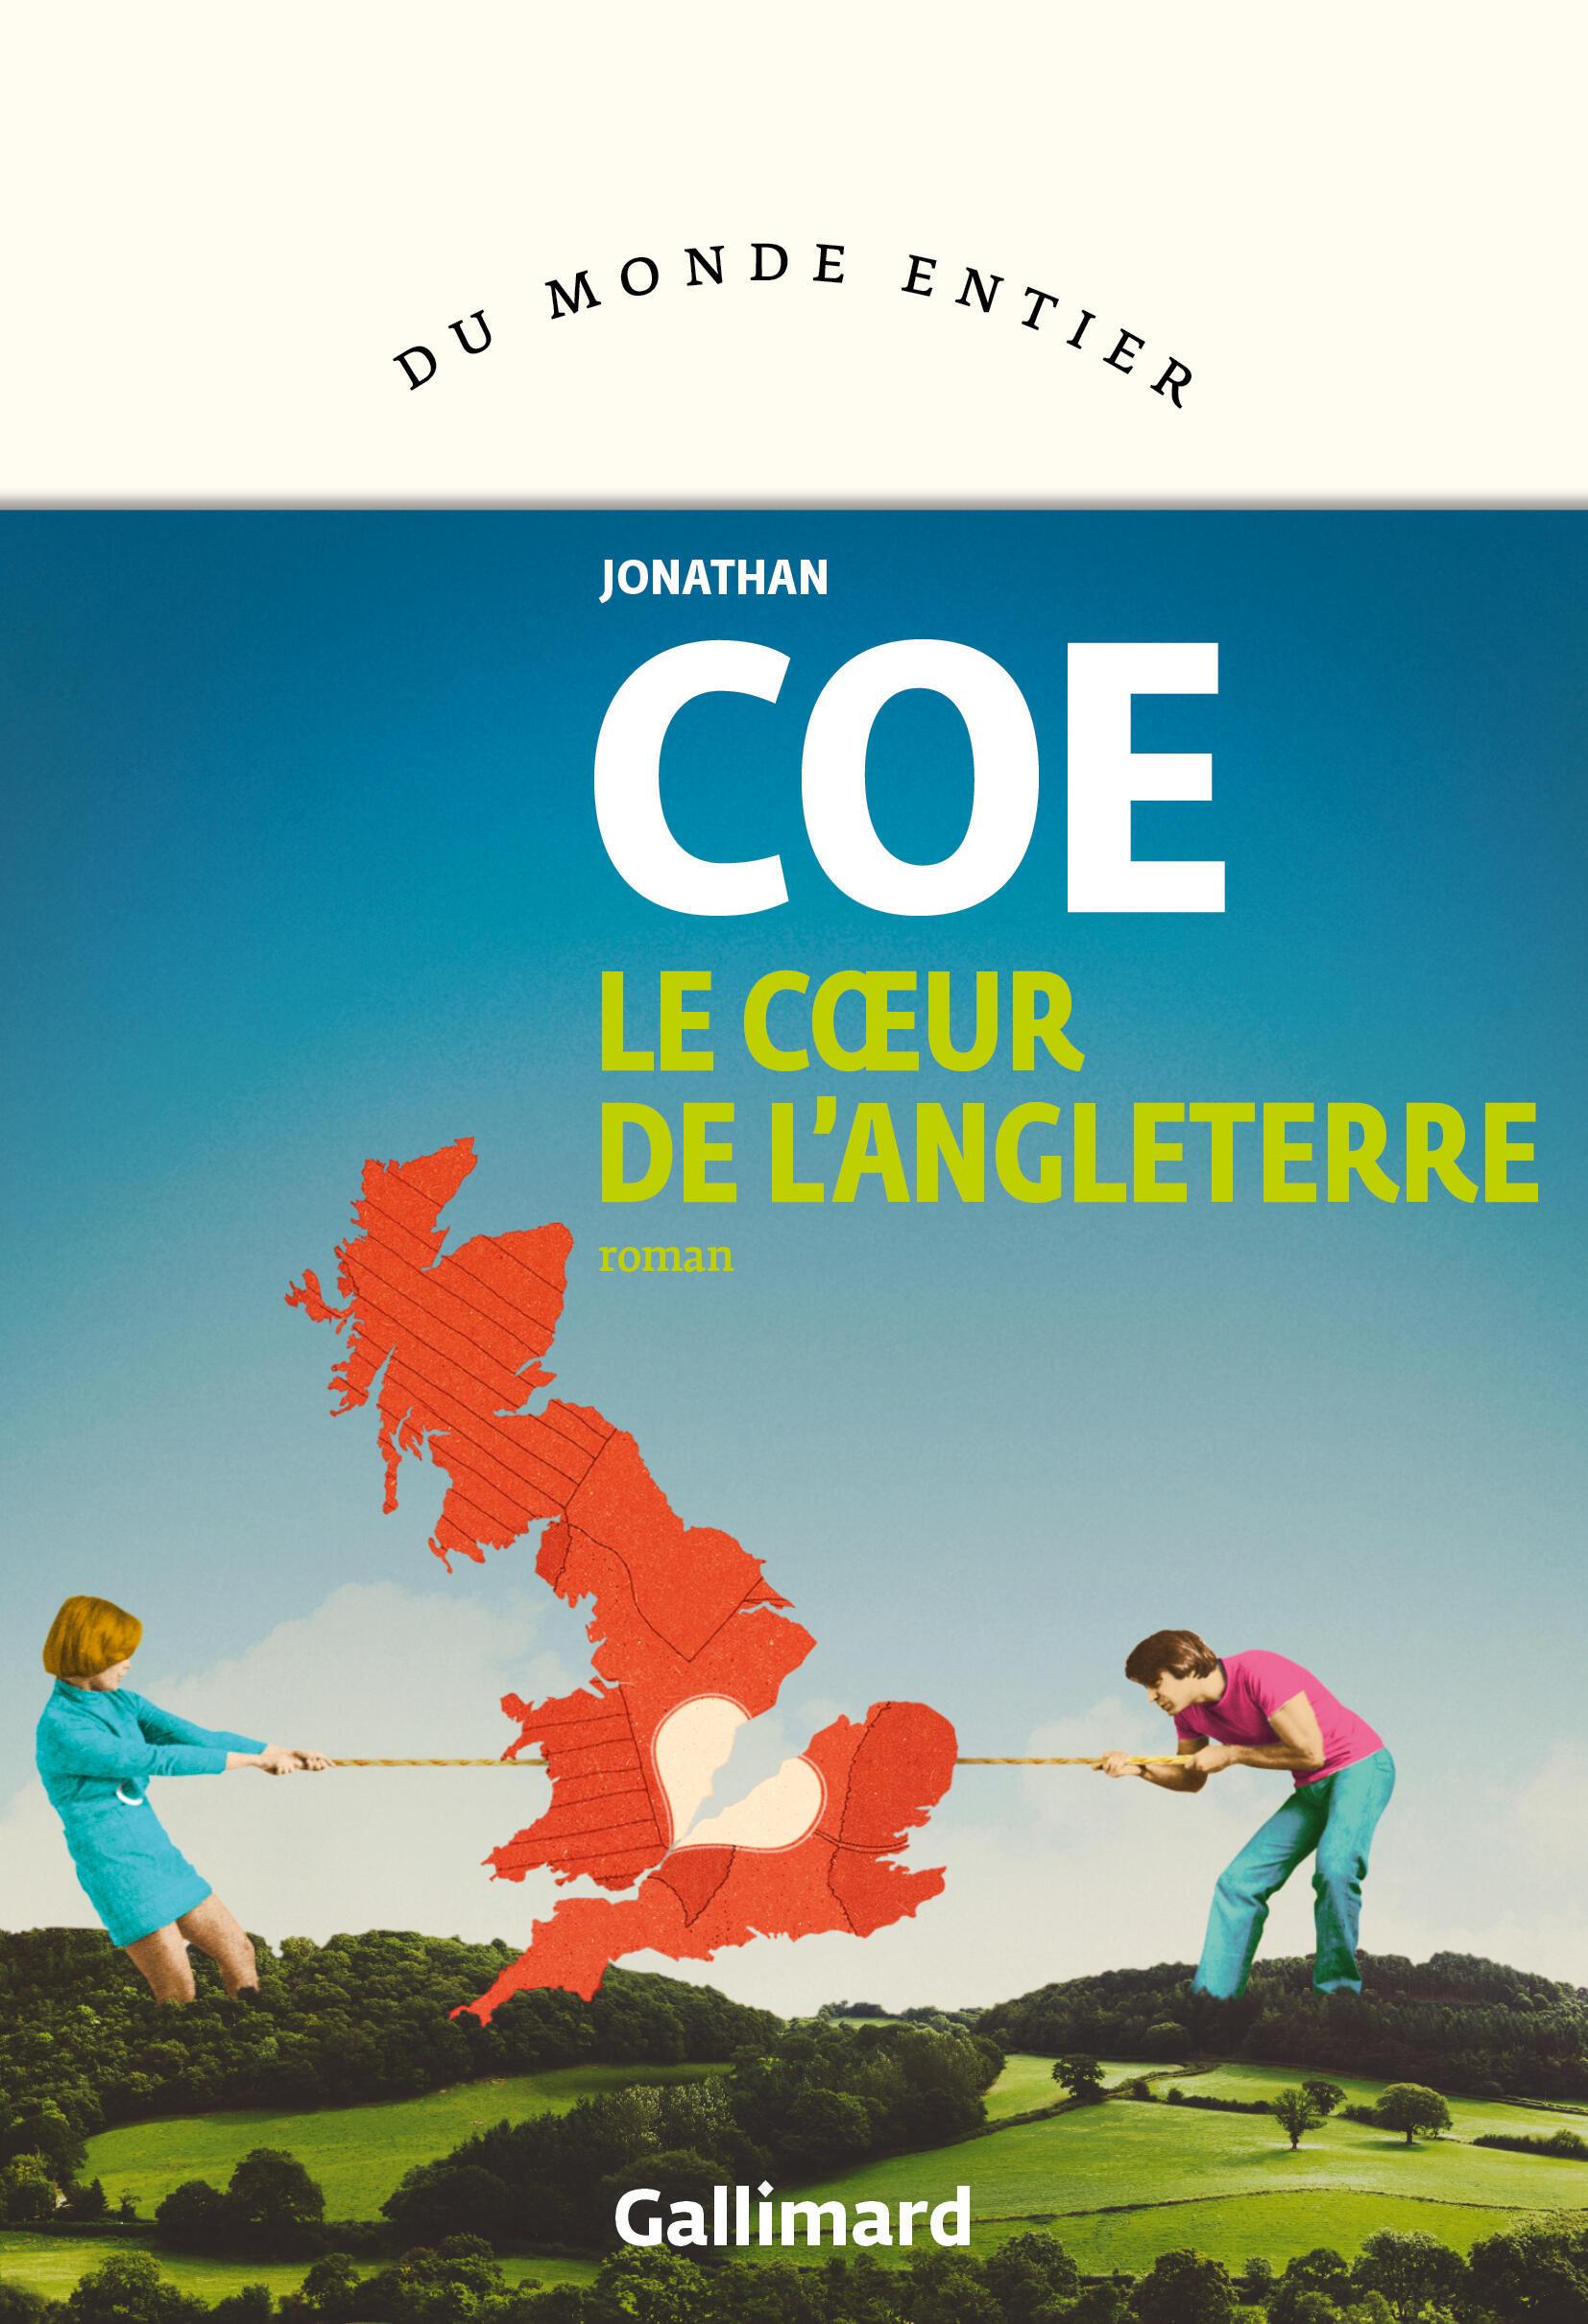 Couverture française du roman de Jonathan Coe